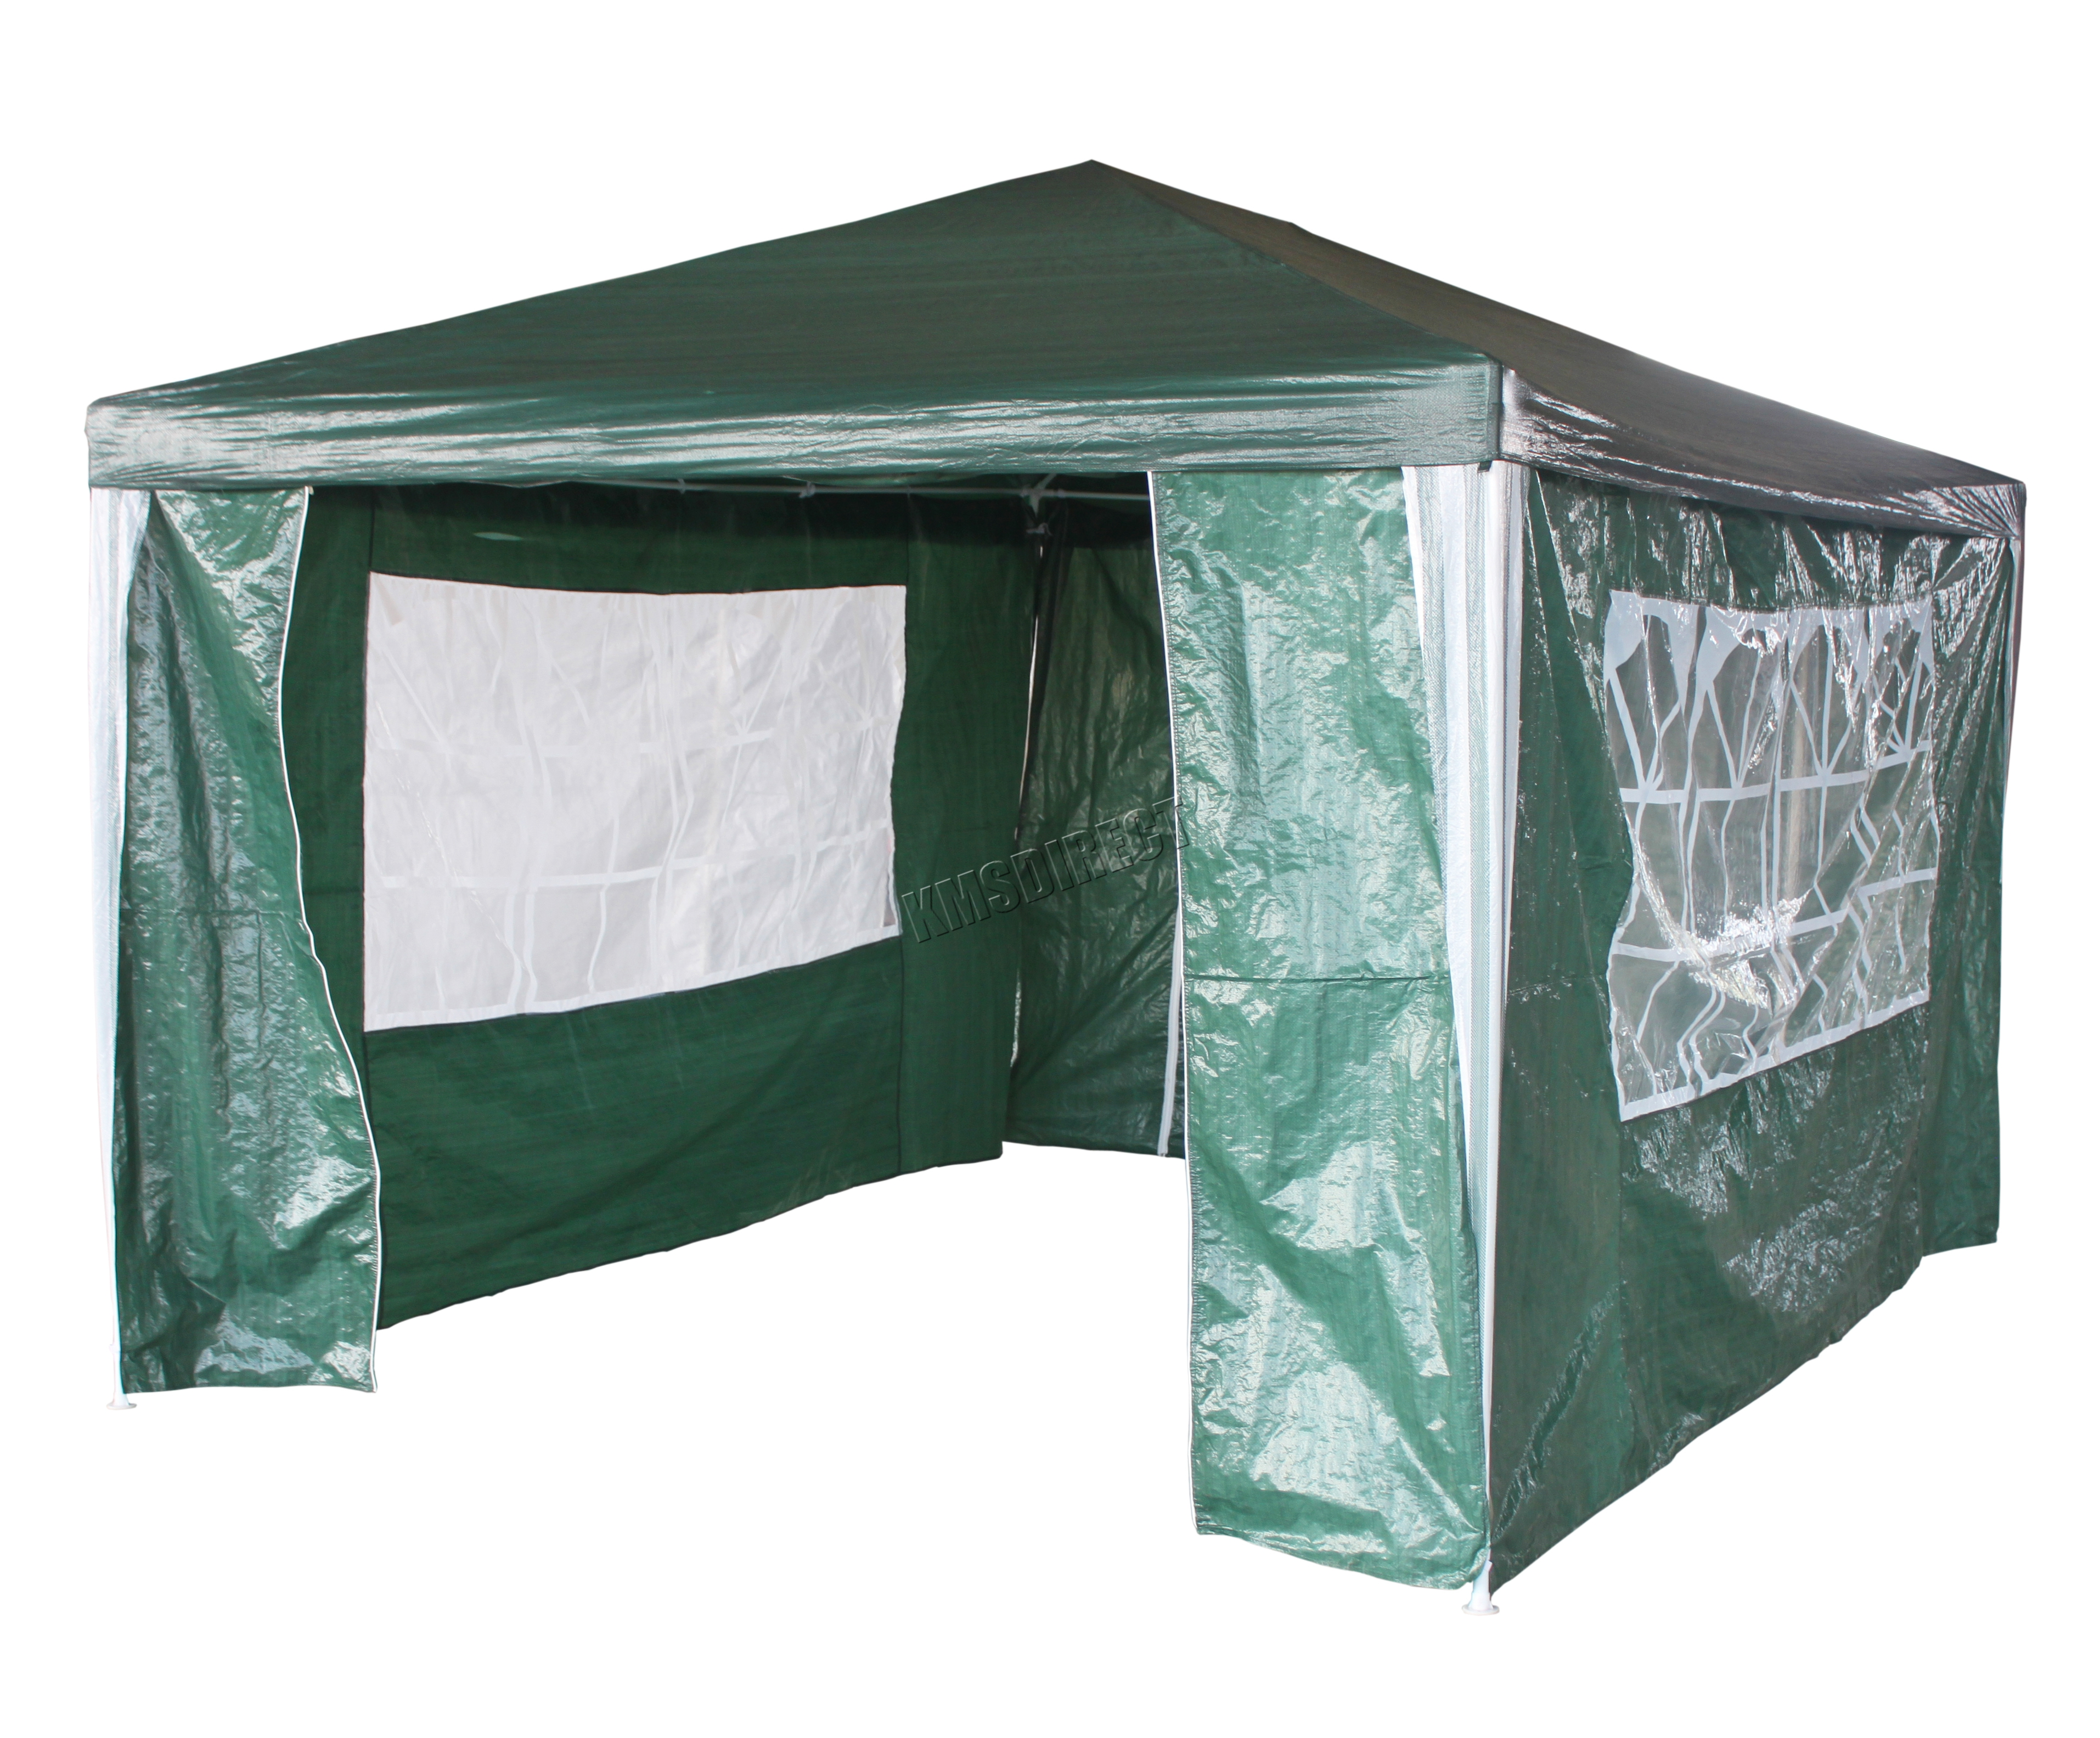 New 3 x 4m 120g Waterproof Outdoor PE Garden Gazebo Marquee Canopy ...